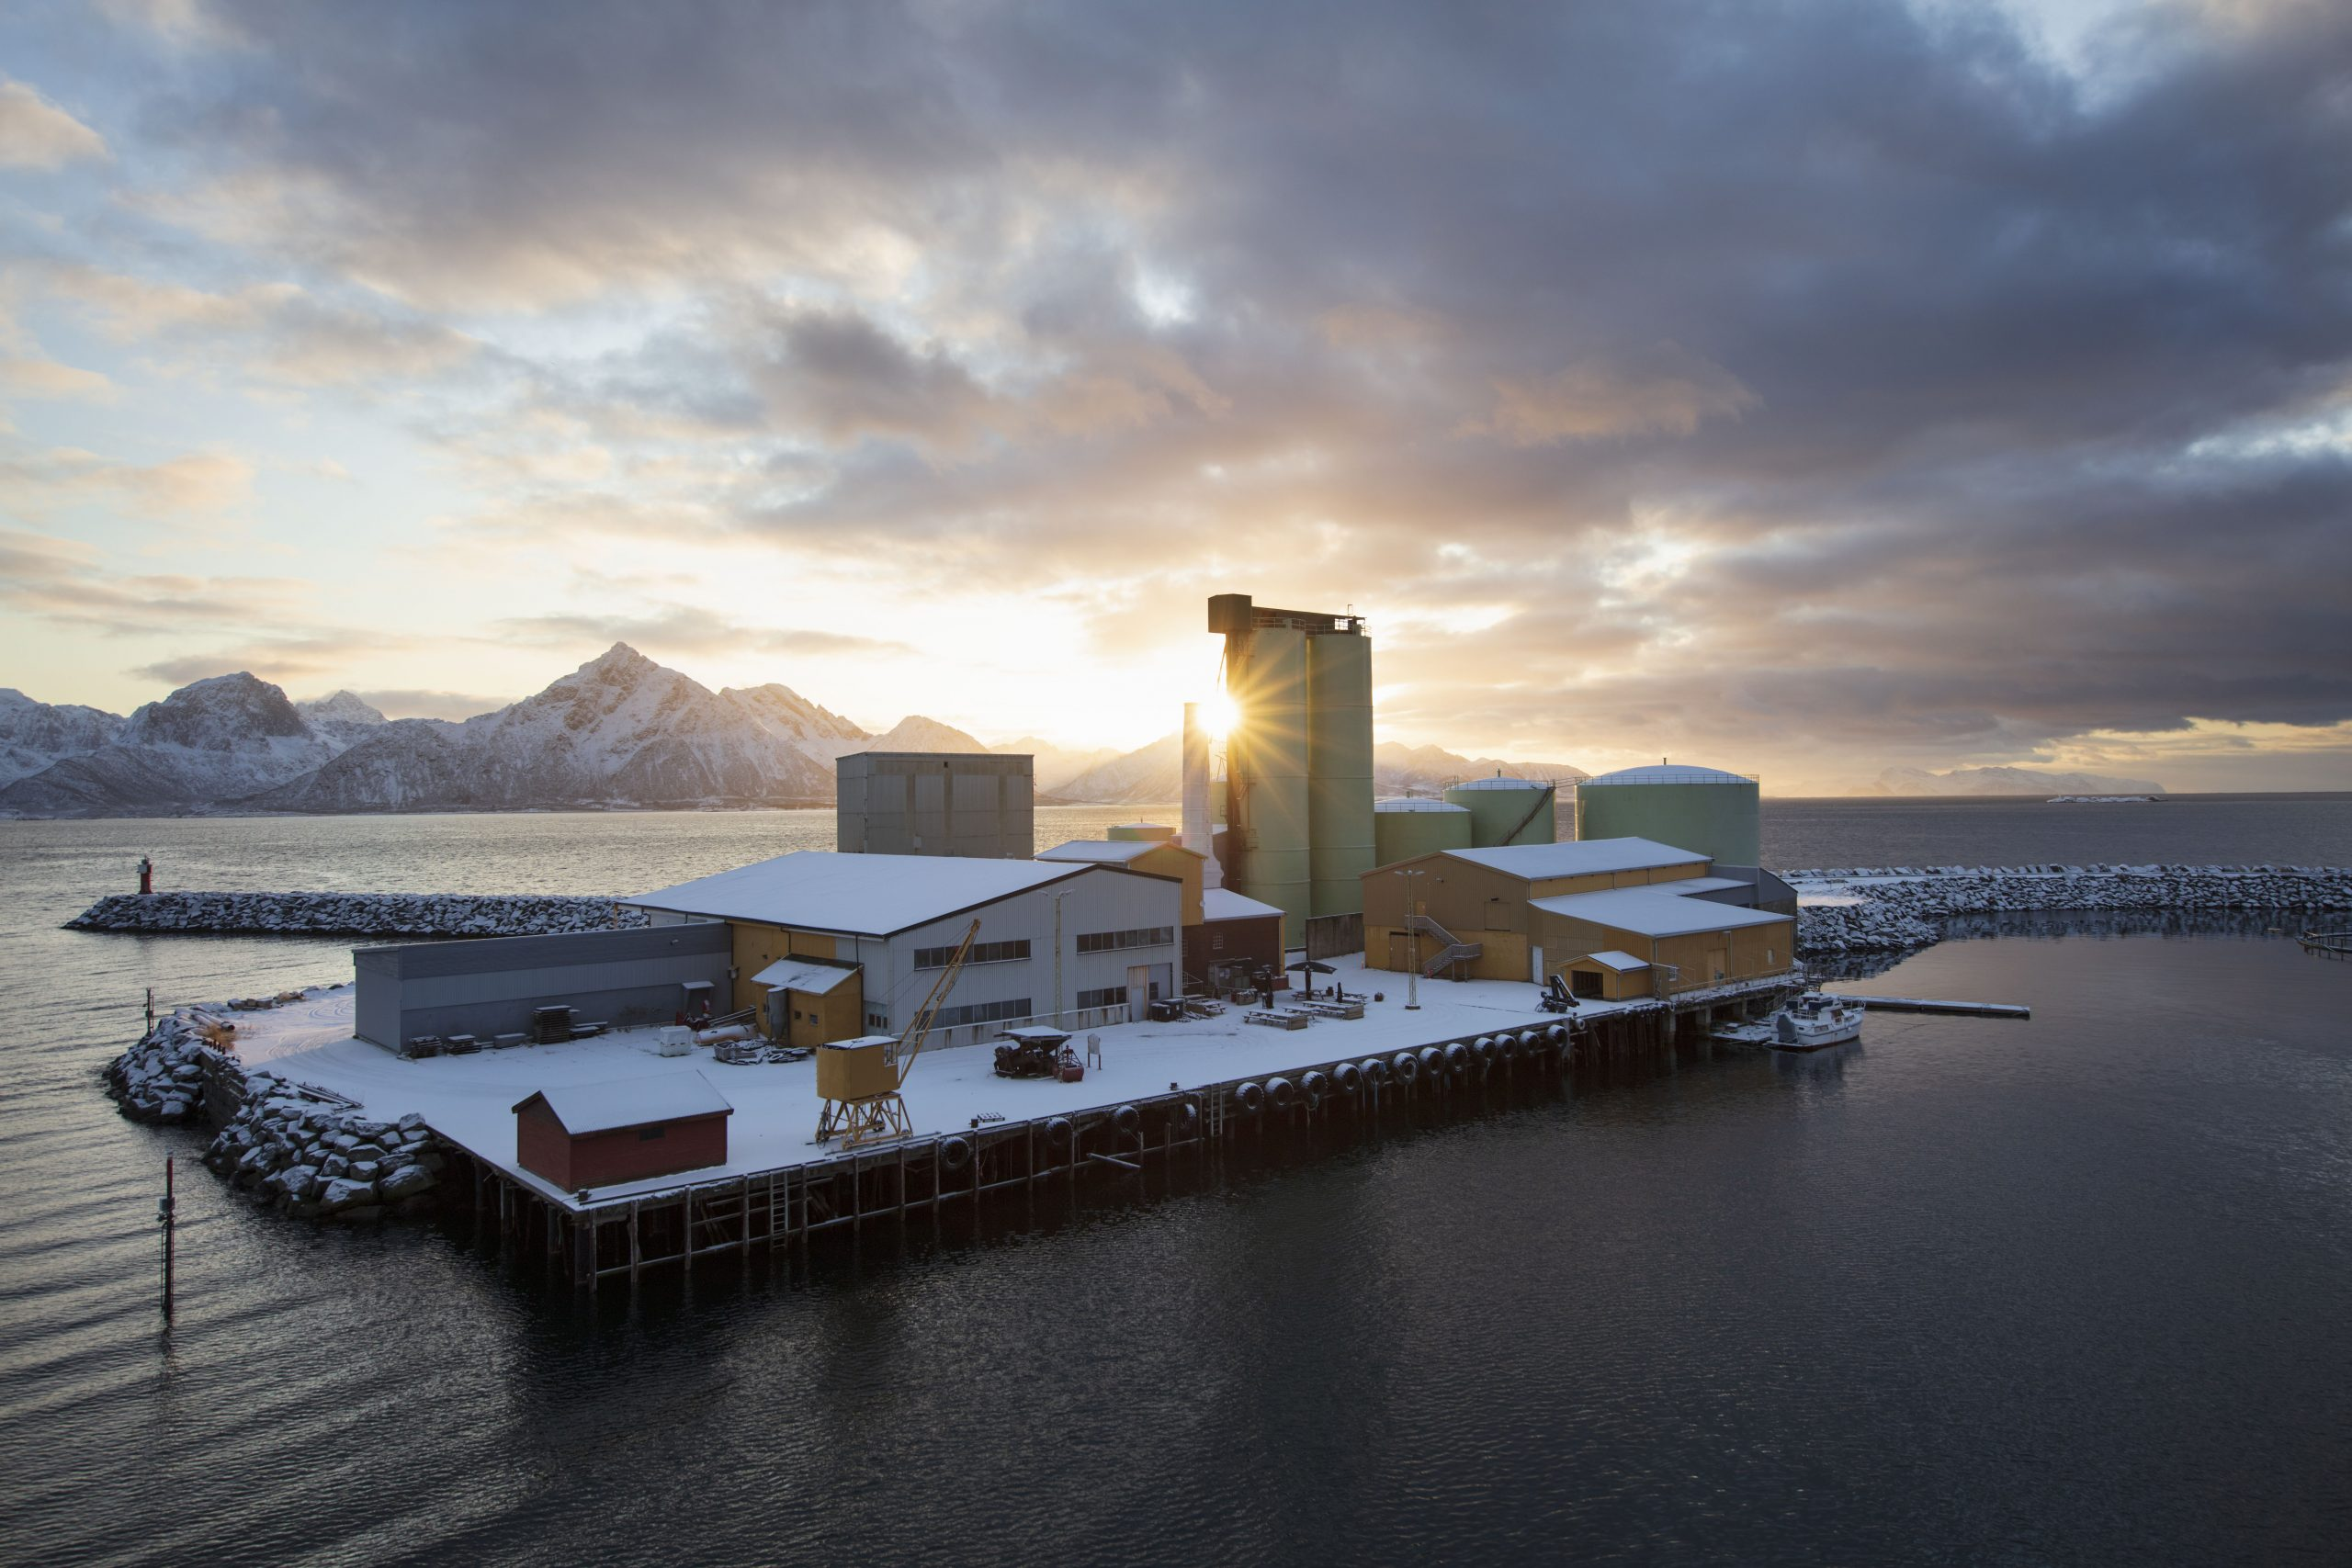 Bilde viser Neptun Sildoljefabrik som ble etablert i 1910 og ligger på Svinøya, i Hadsel kommune, Nordland fylke. fotograf er Trond Isaksen